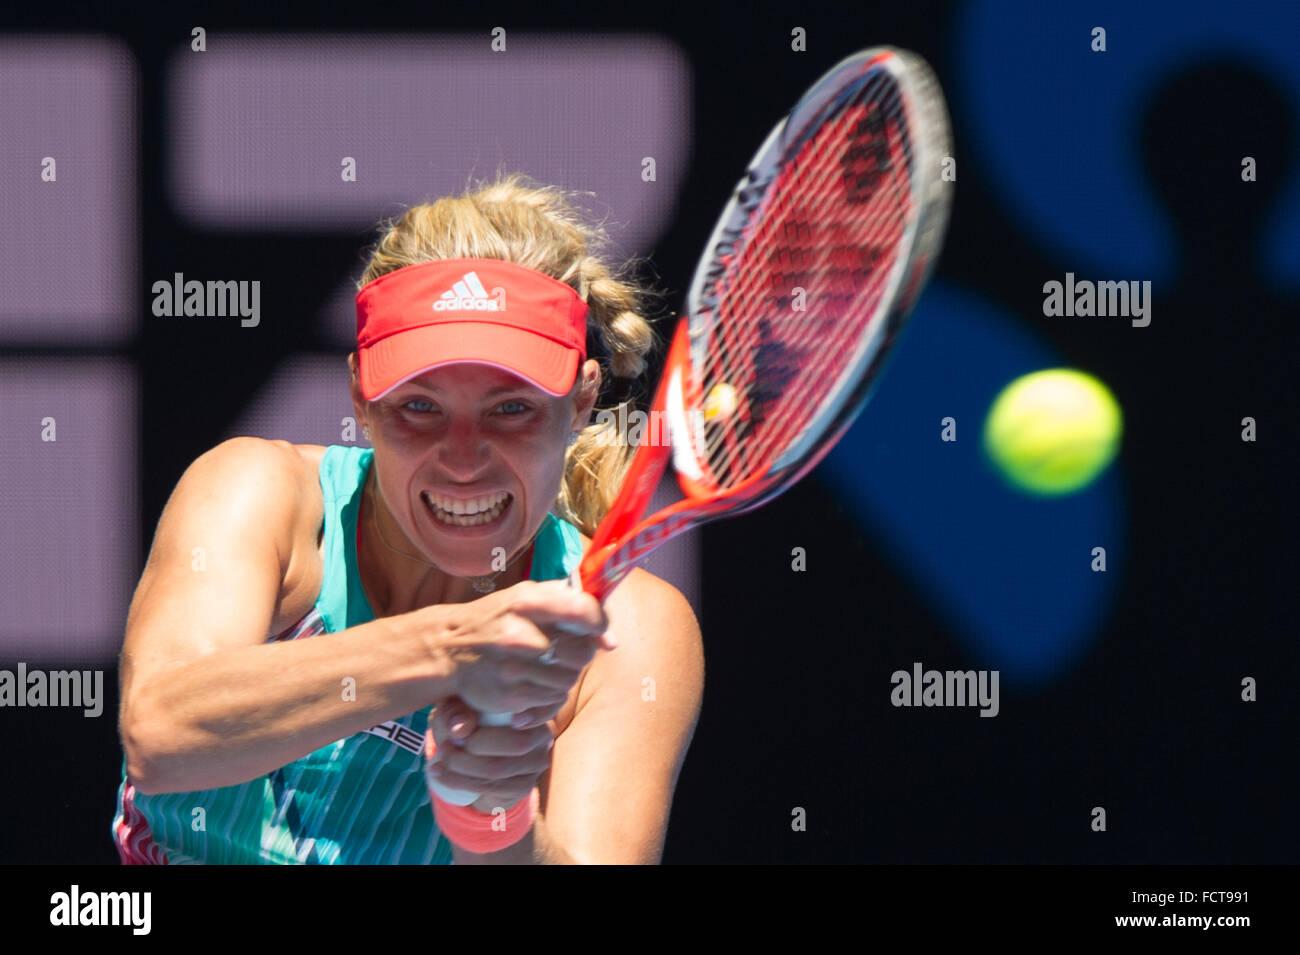 Melbourne, Australie. 25 Jan, 2016. Angelique Kerber de l'Allemagne renvoie la balle au cours de ses dames en Photo Stock